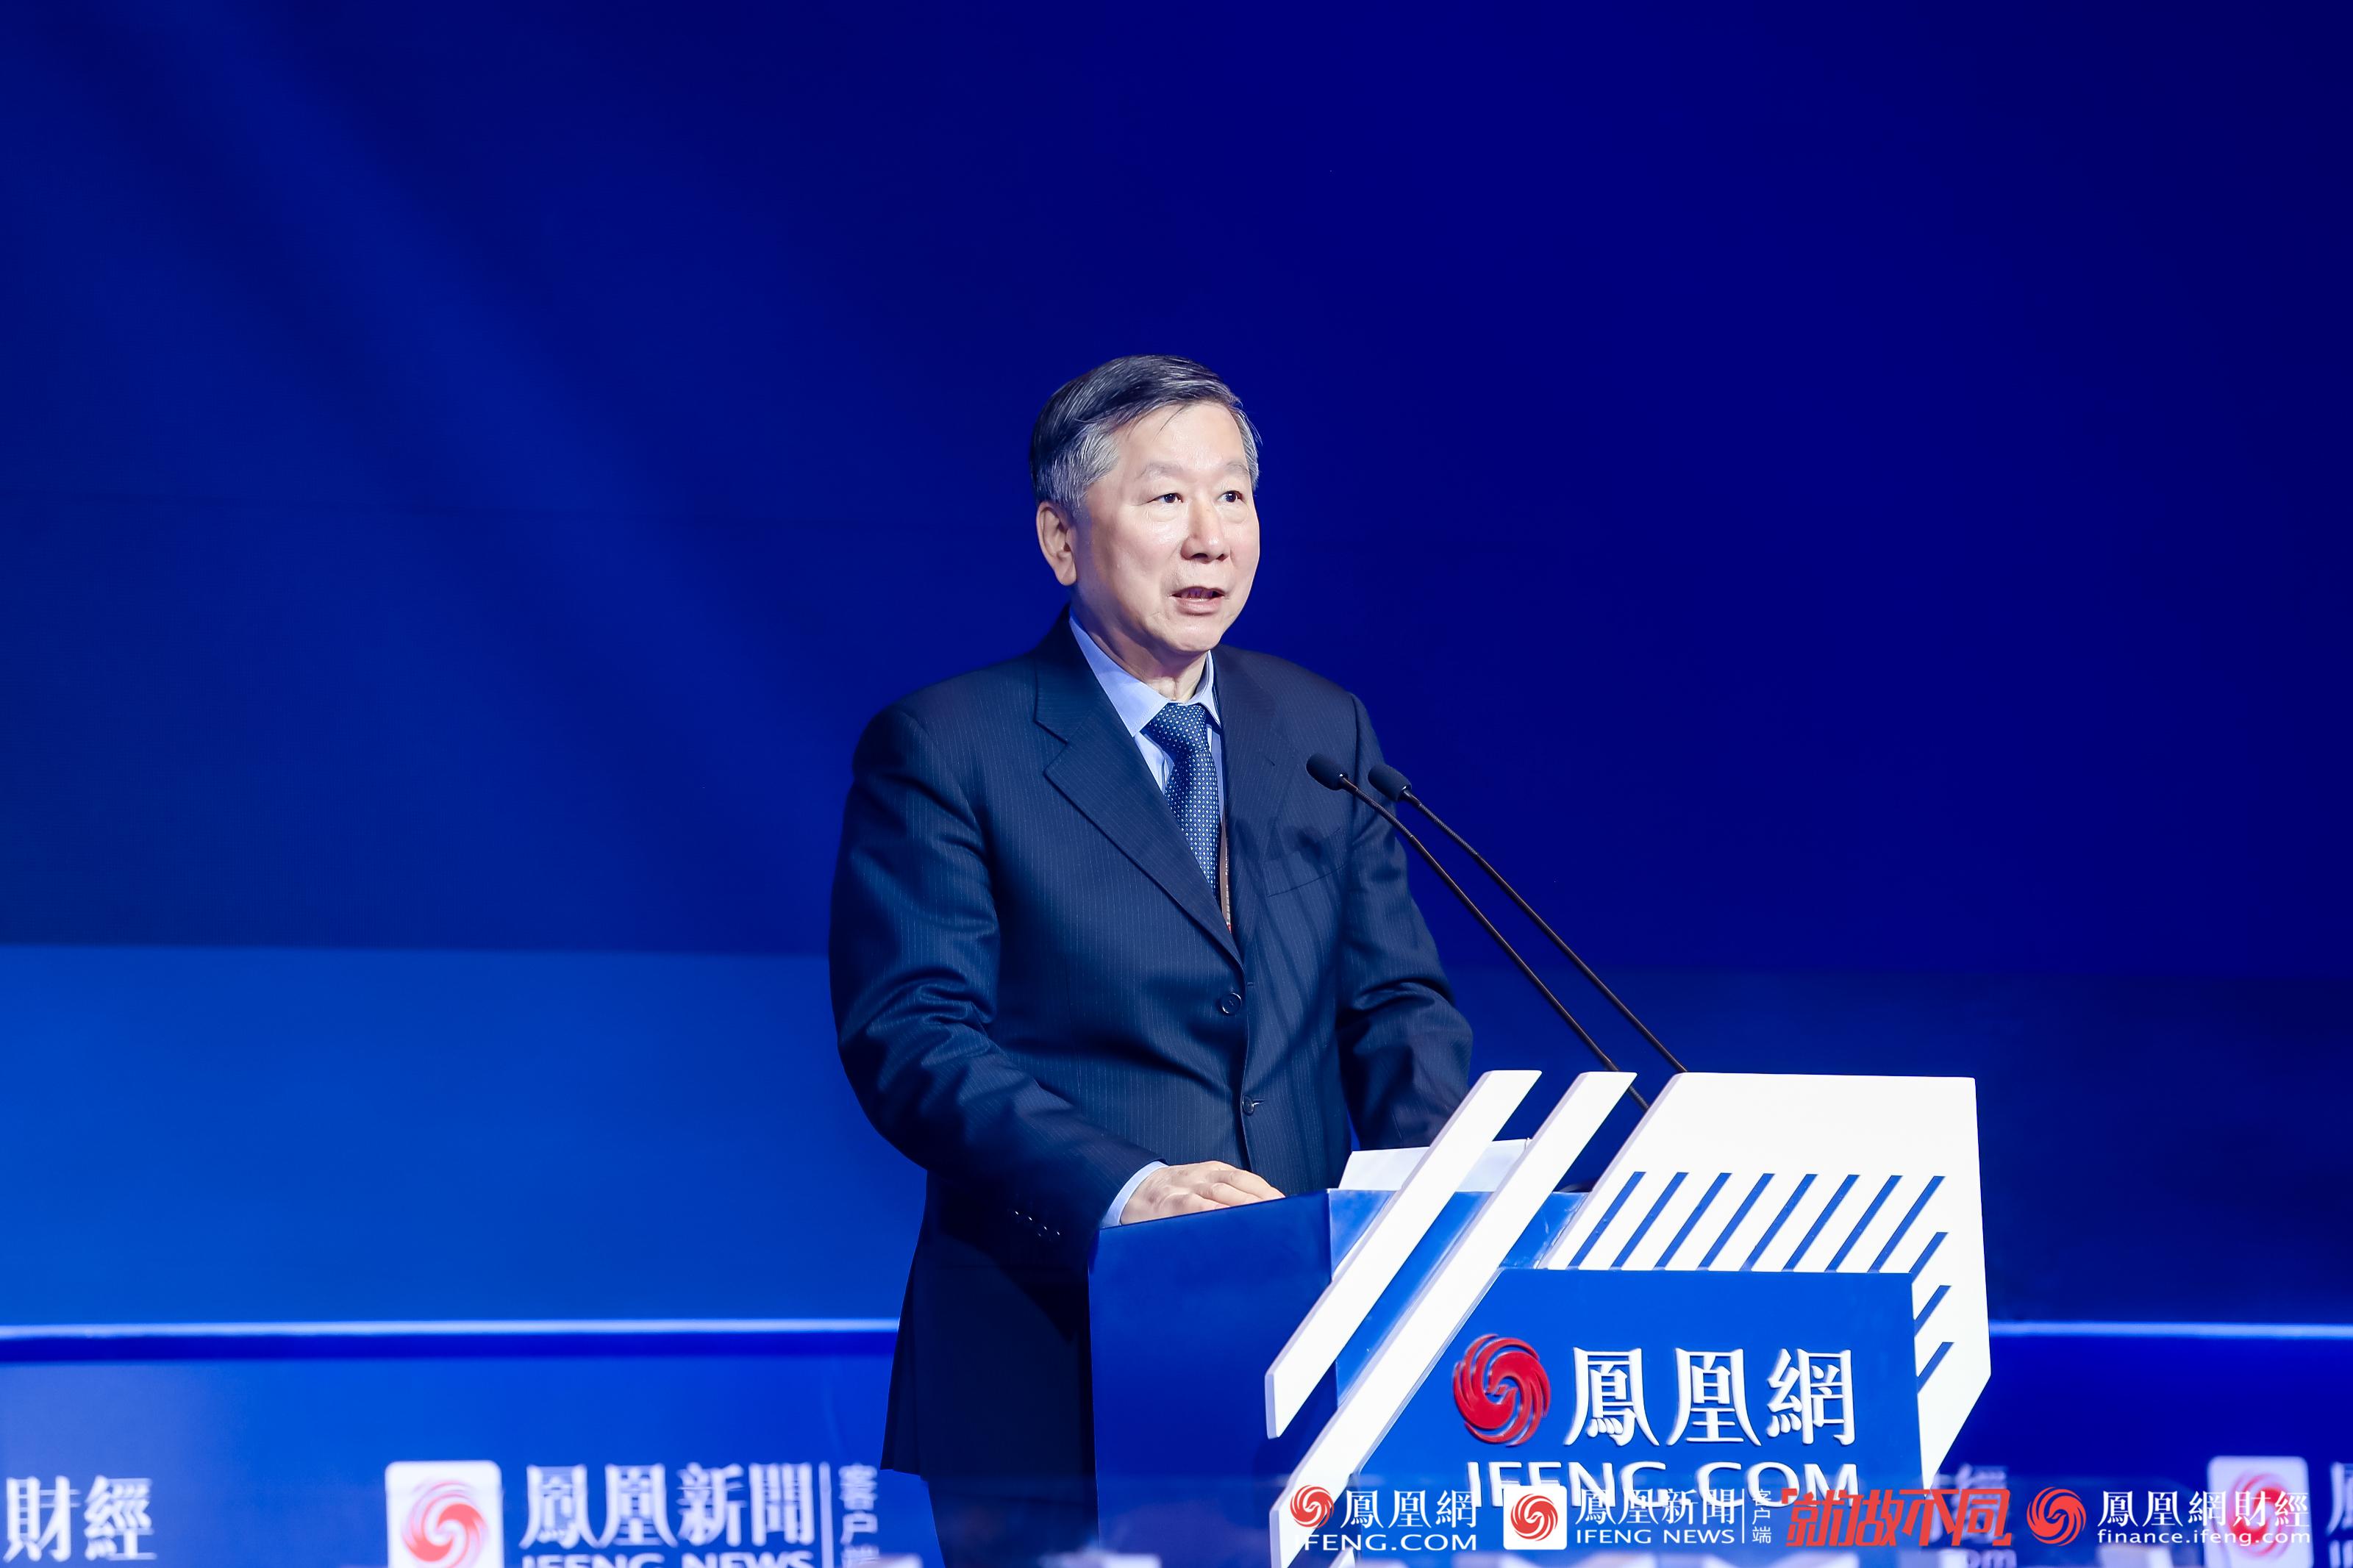 尚福林谈金融监管:有效控制融资平台、房地产、交叉金融等风险